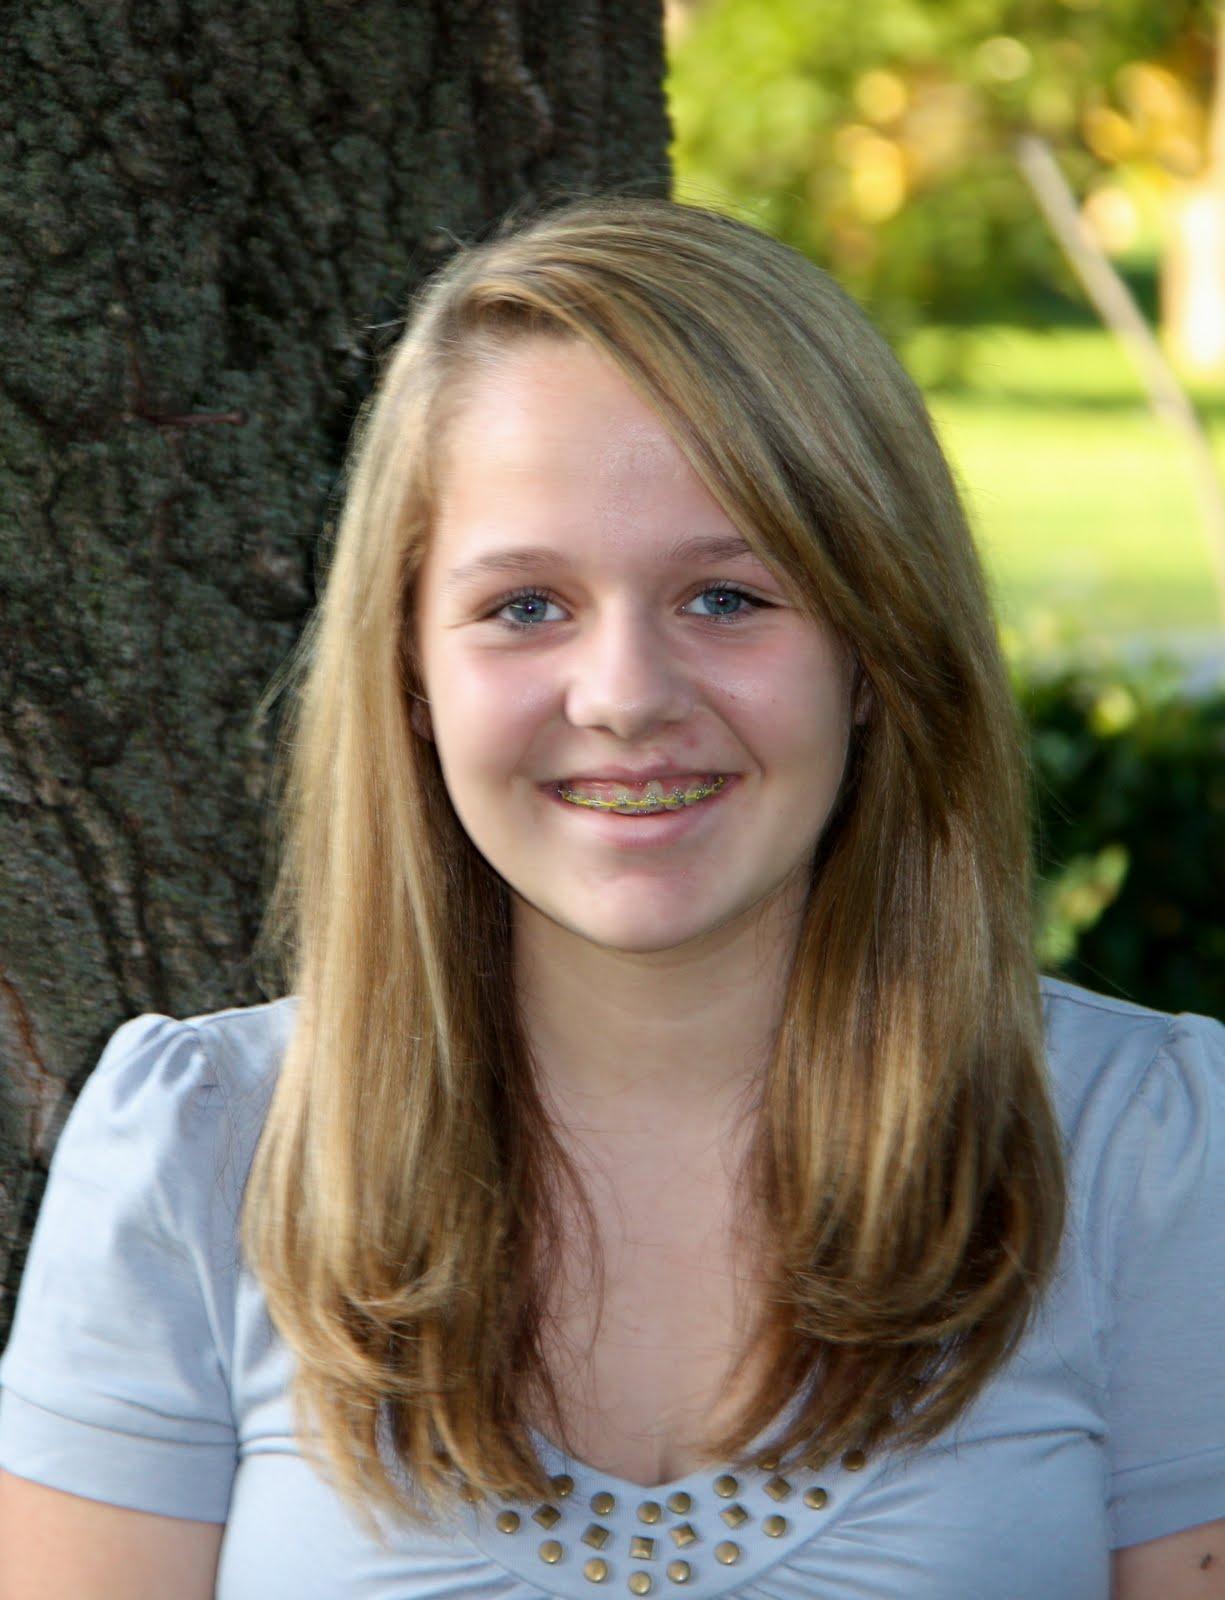 Nicole - Heather Plett